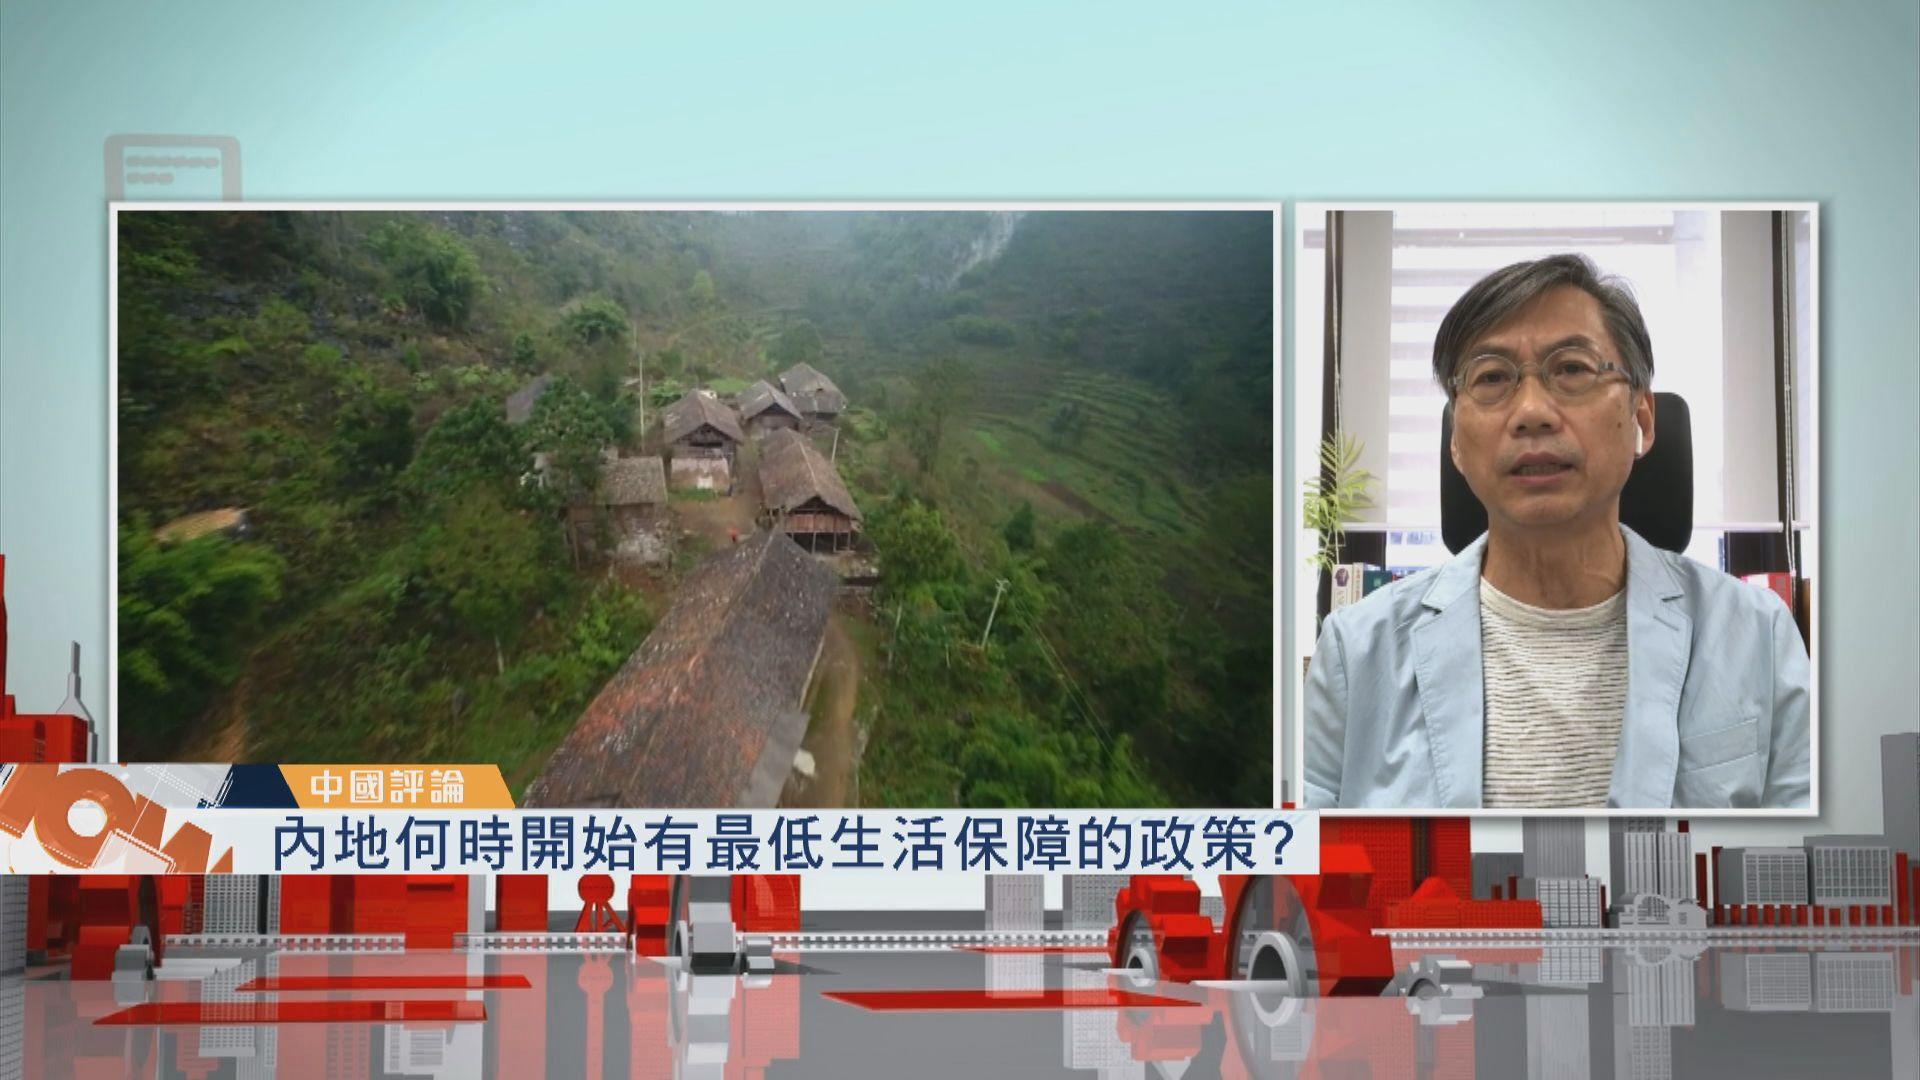 【中國評論】內地最低生活保障政策